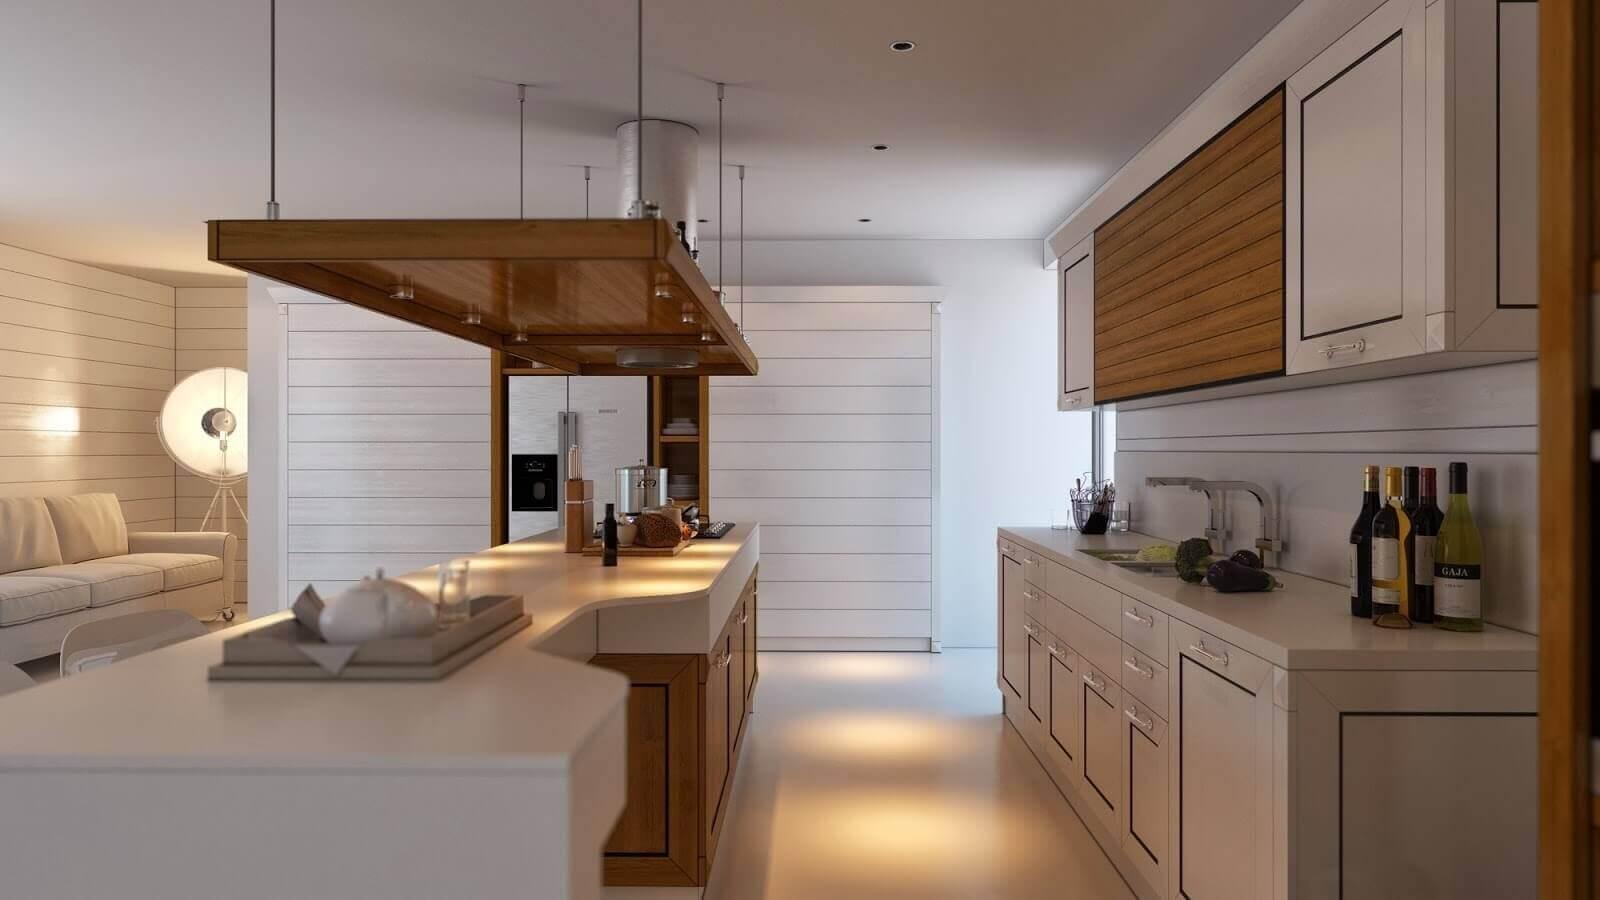 cozinha com coifa de madeira sobre a ilha